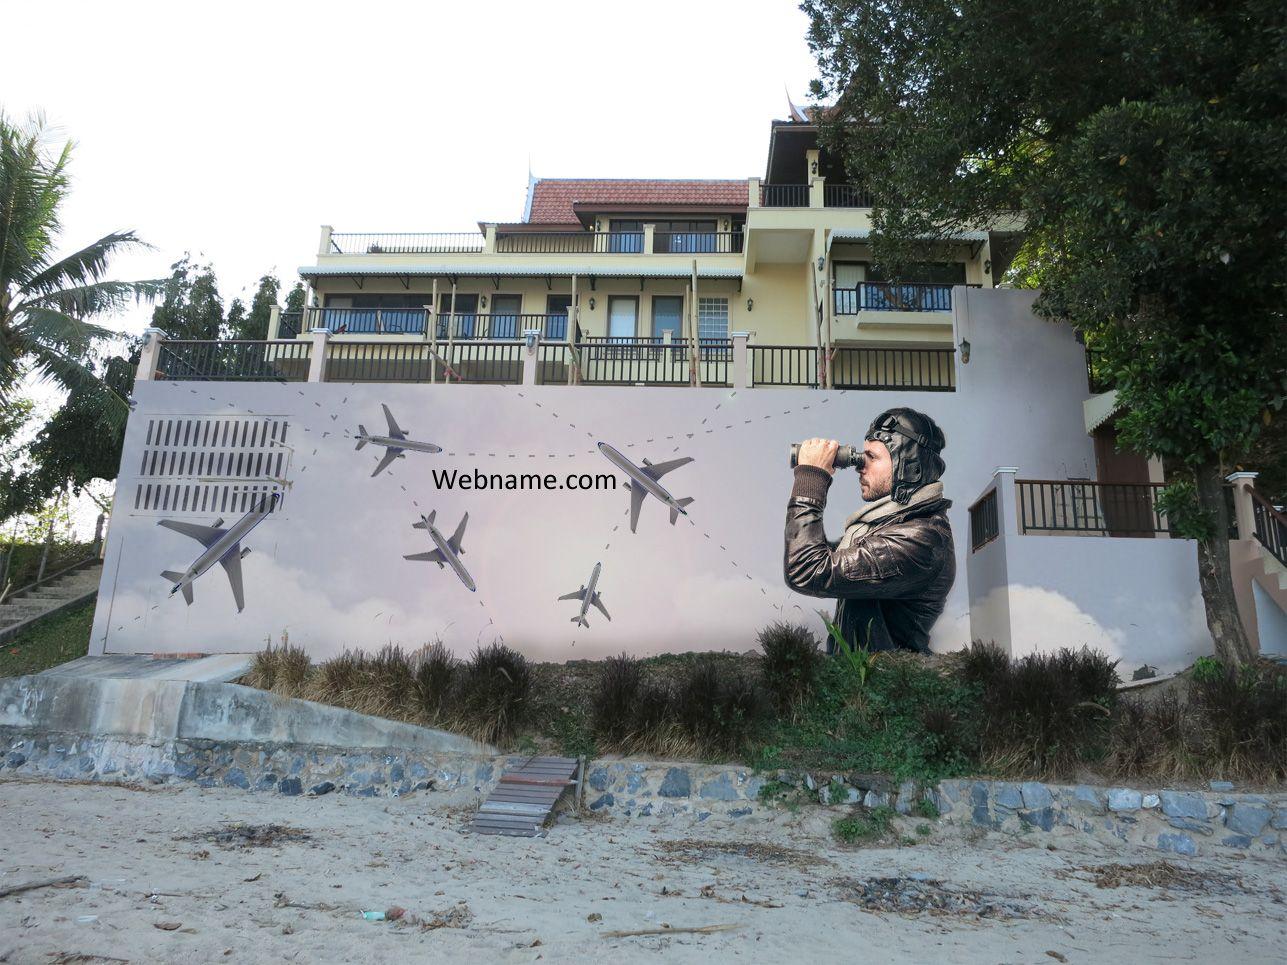 Эскиз для росписи стены - дизайнер nile